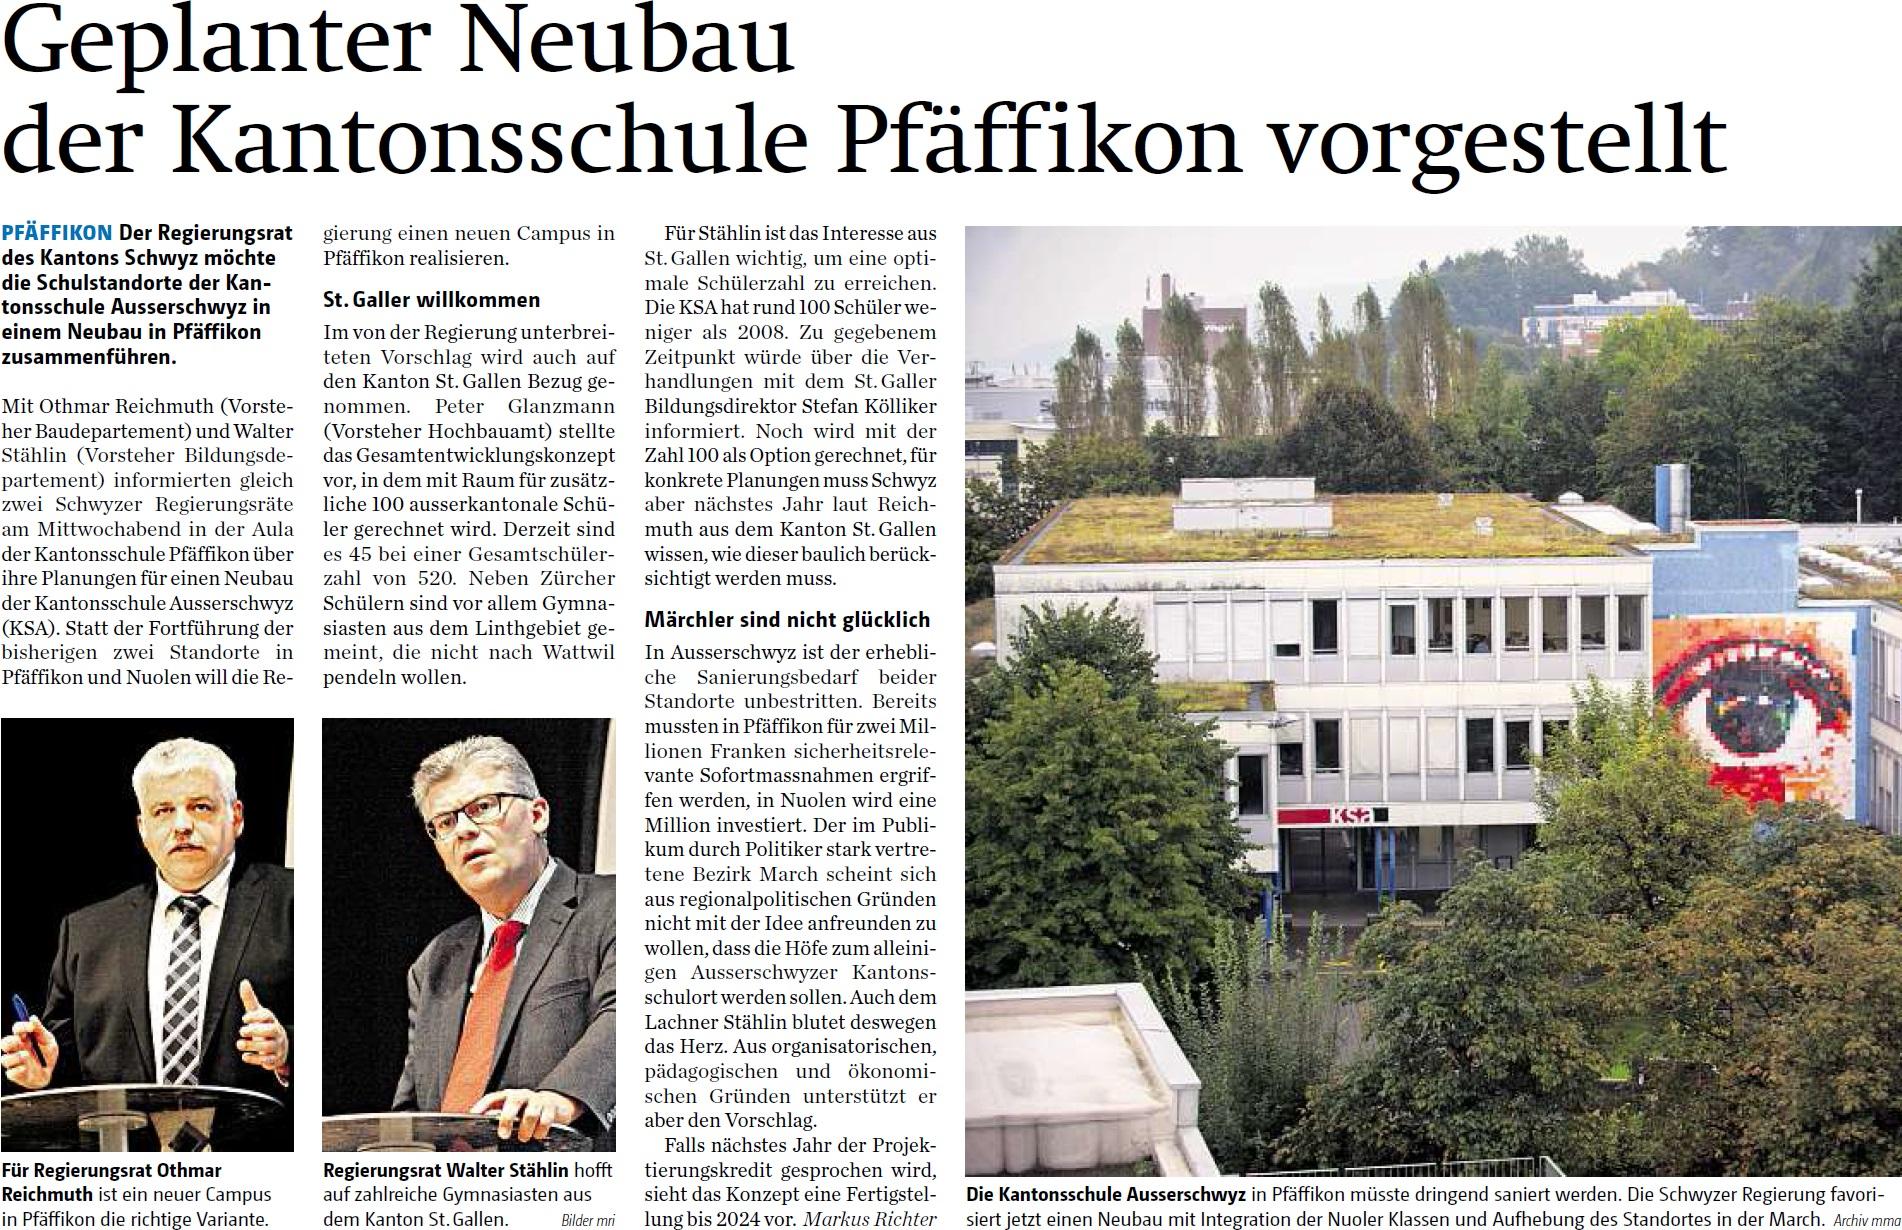 Geplanter Neubau der Kantonsschule Pfäffikon vorgestellt (Freitag, 24.10.2014)